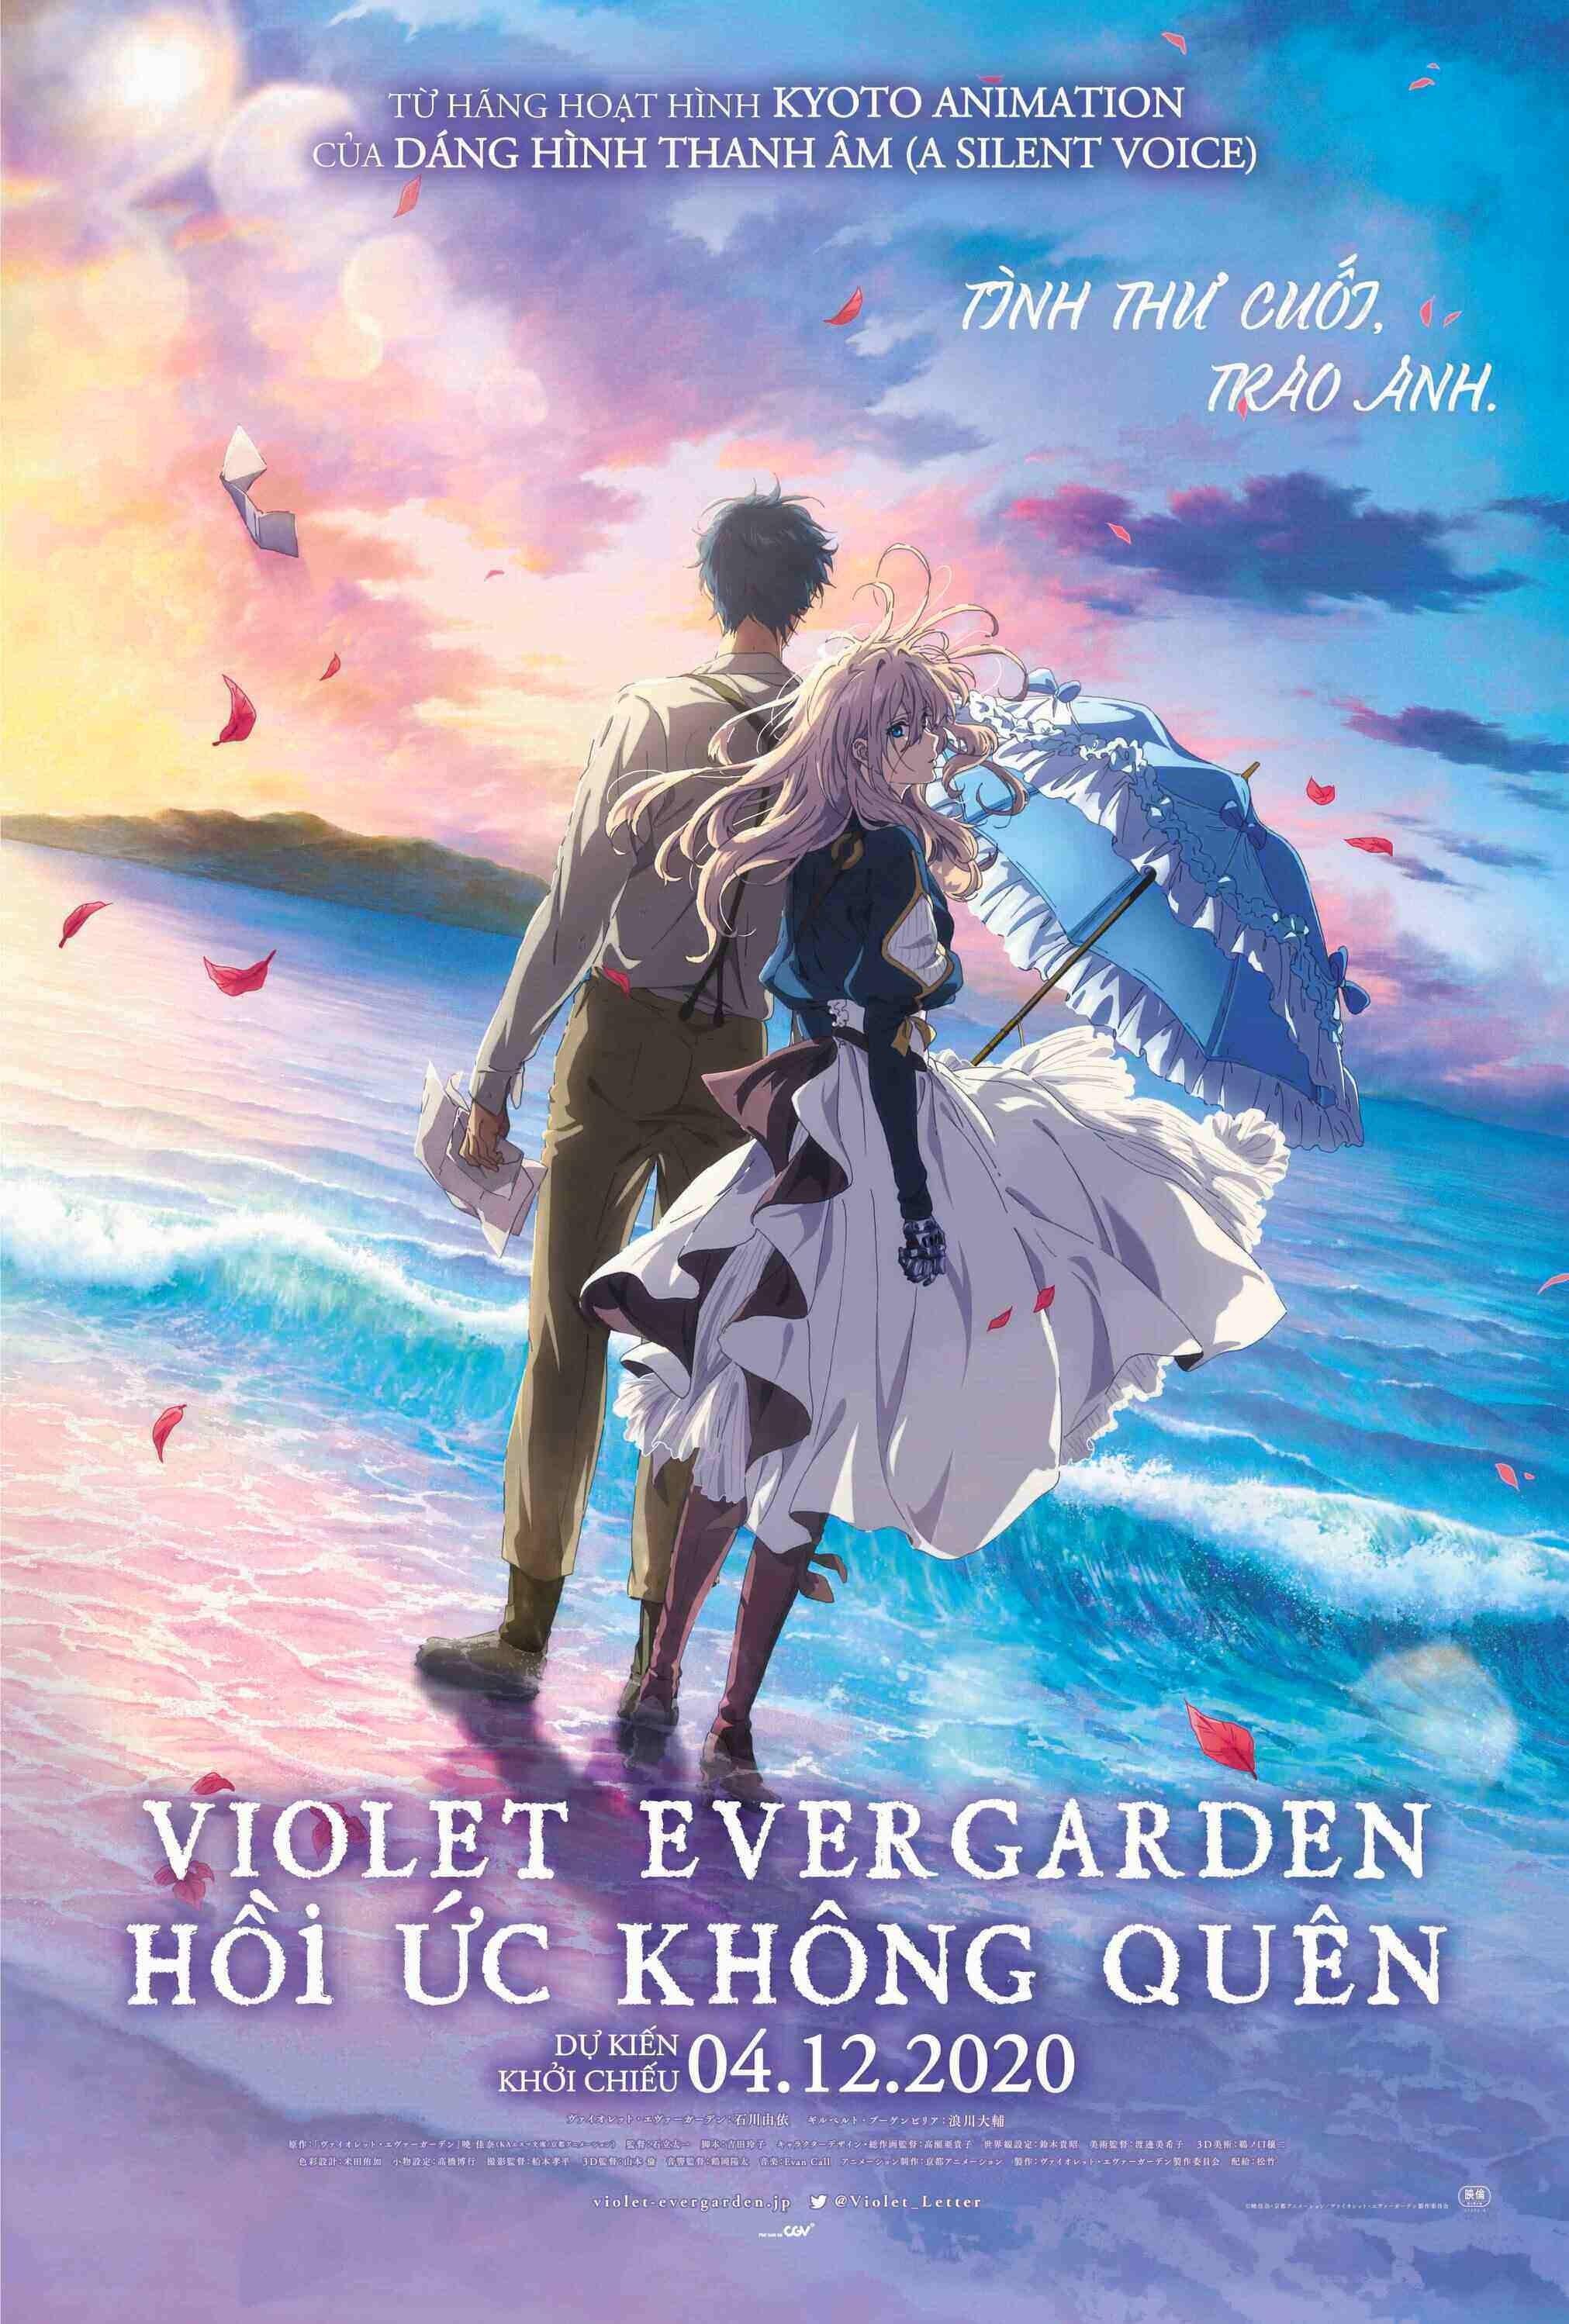 violet-evergarden-hoi-uc-khong-quen